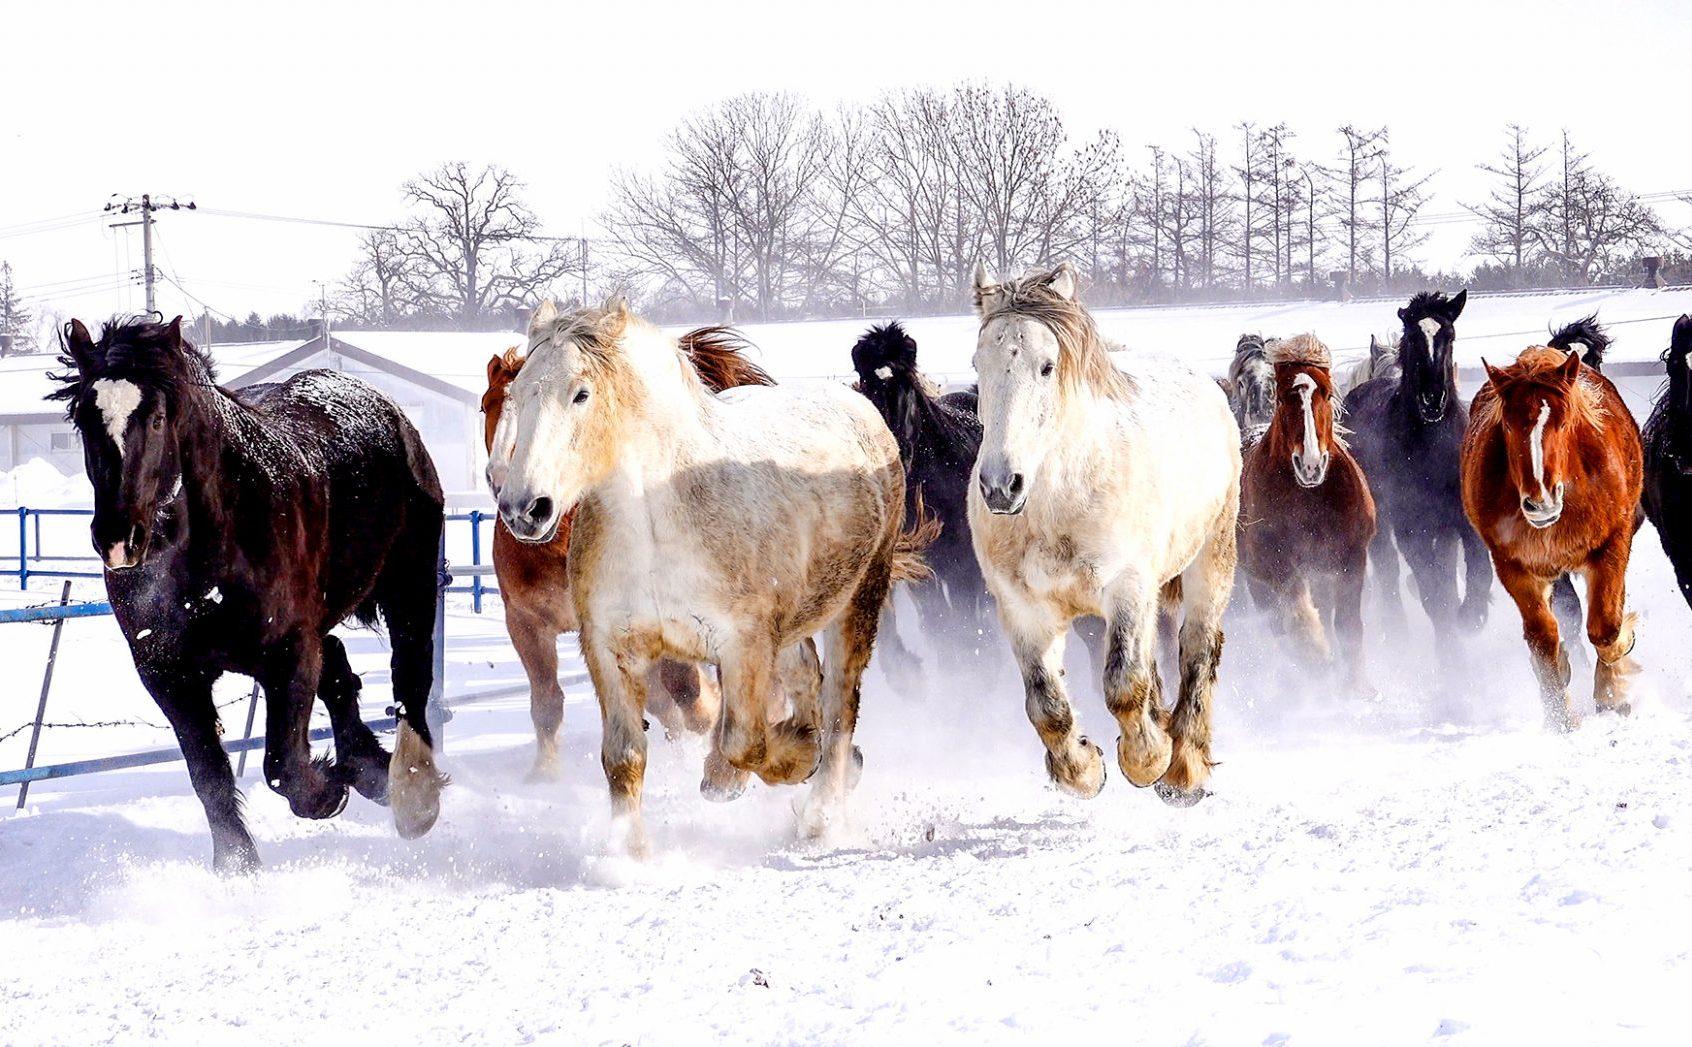 白樺並木や馬追い運動など……「十勝牧場」の見るべきポイントとは